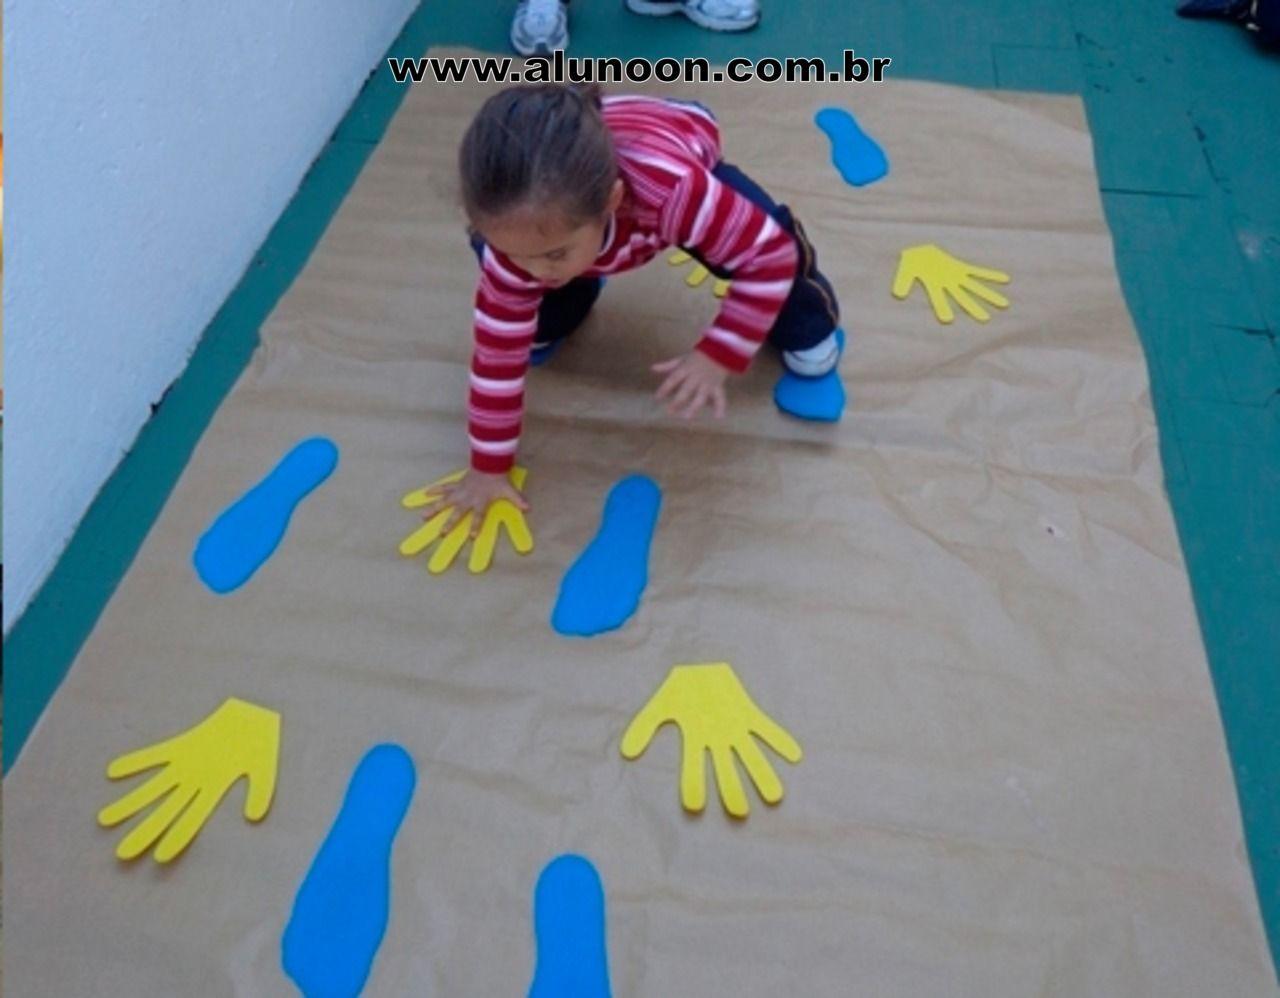 Excepcional 40 atividades de Psicomotricidade para educação infantil  VT57